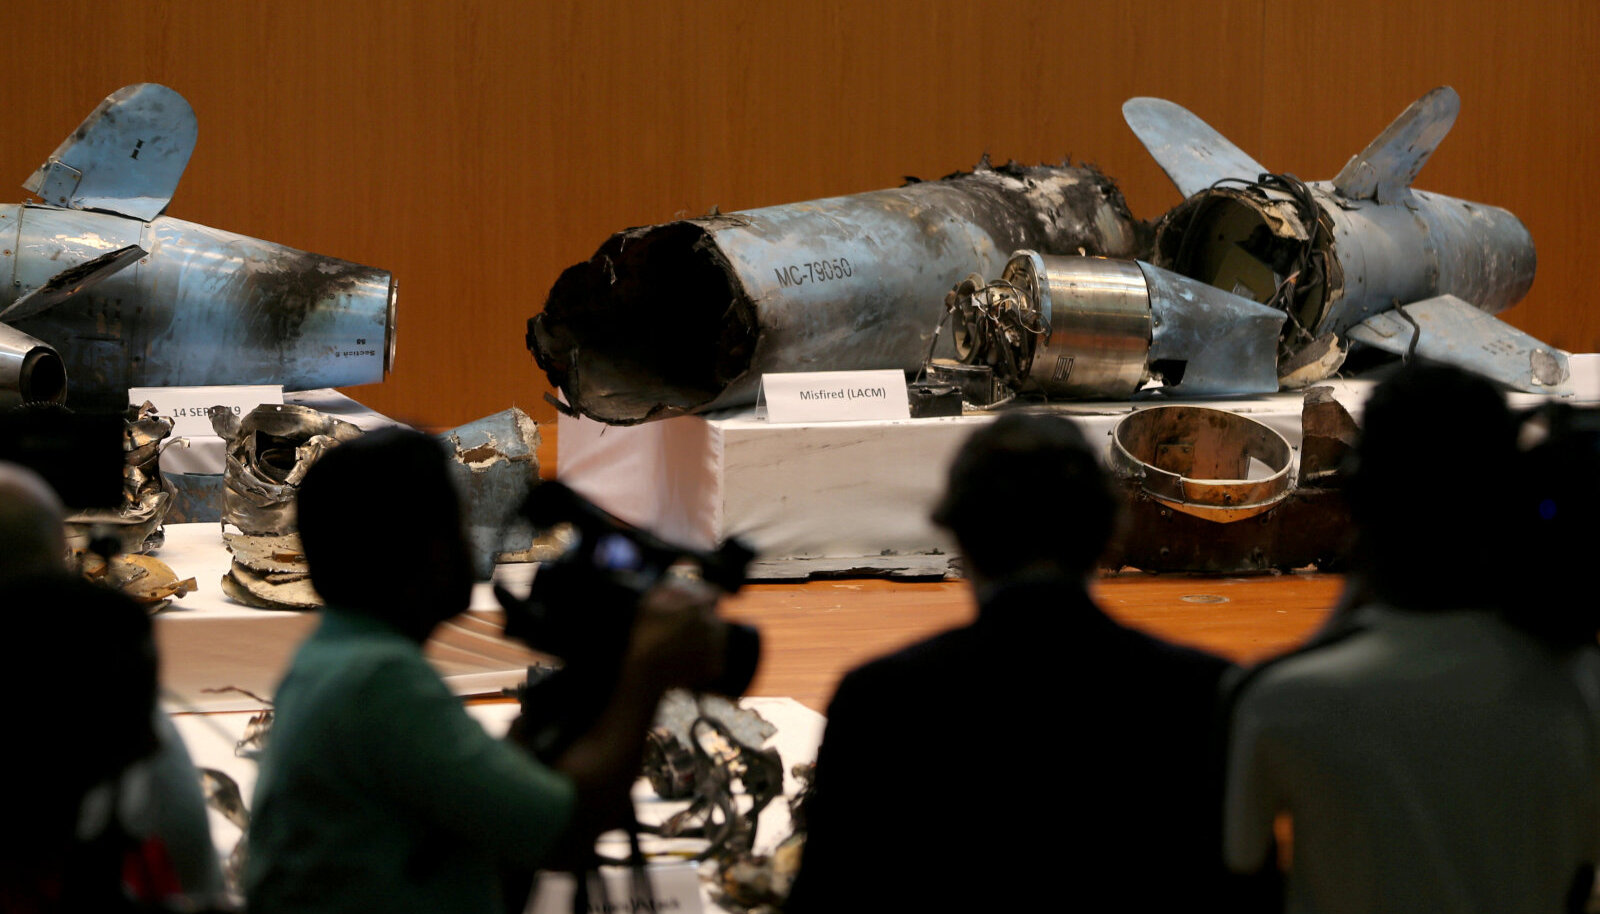 Saudi Araabia näitas raketitükke, mis tabasid Saudi Araabia naftarajatisi